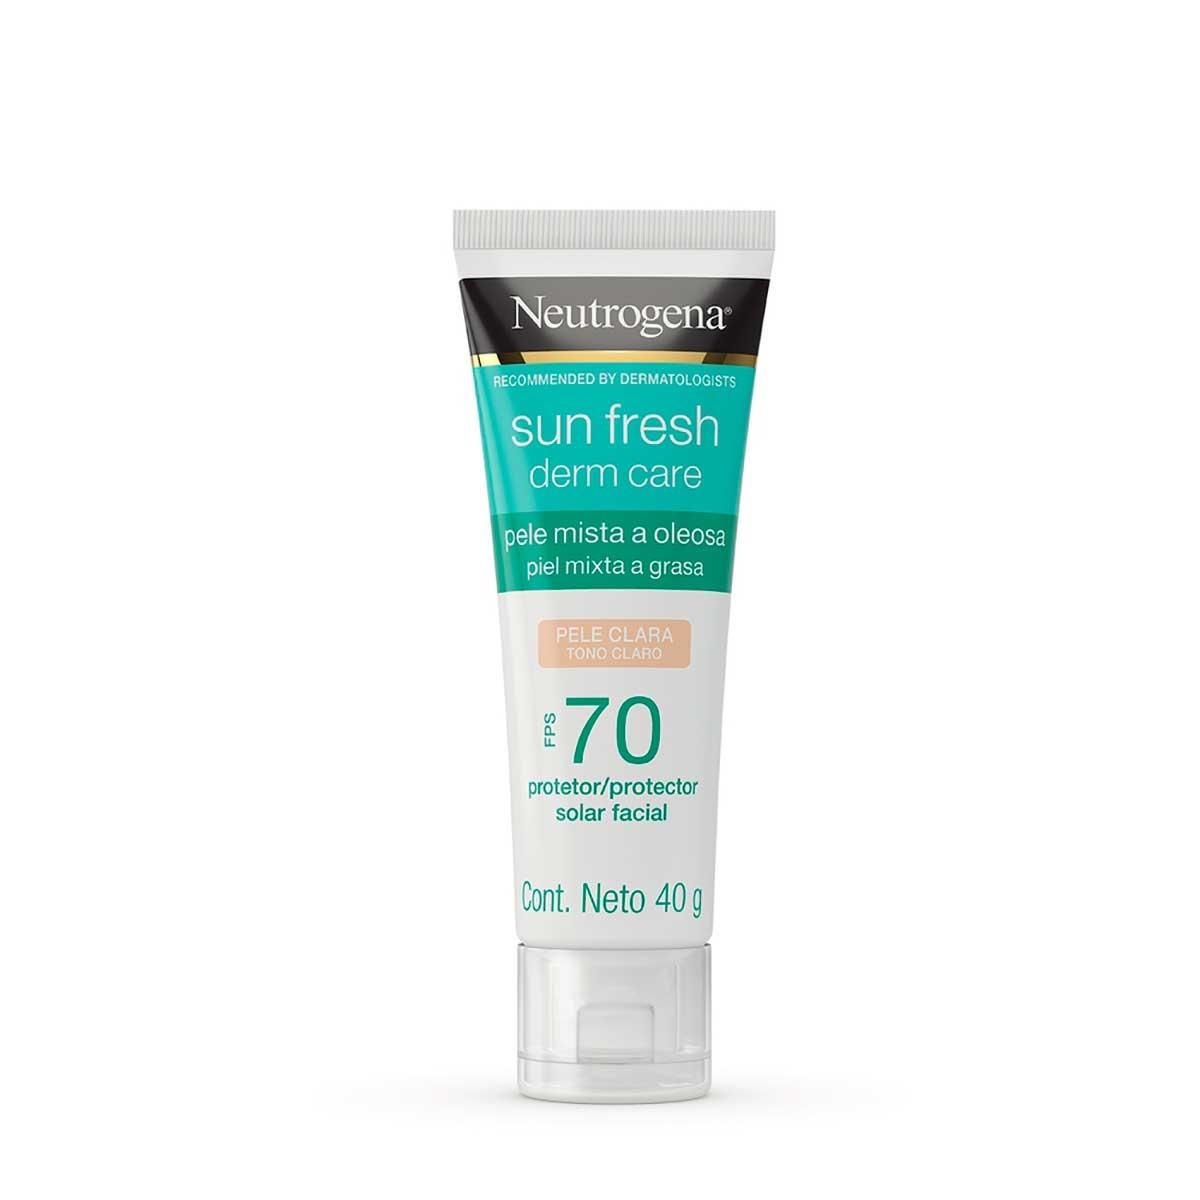 Protetor Solar Facial Neutrogena Sun Fresh Derm Care Pele Clara FPS70 com 40g 40g